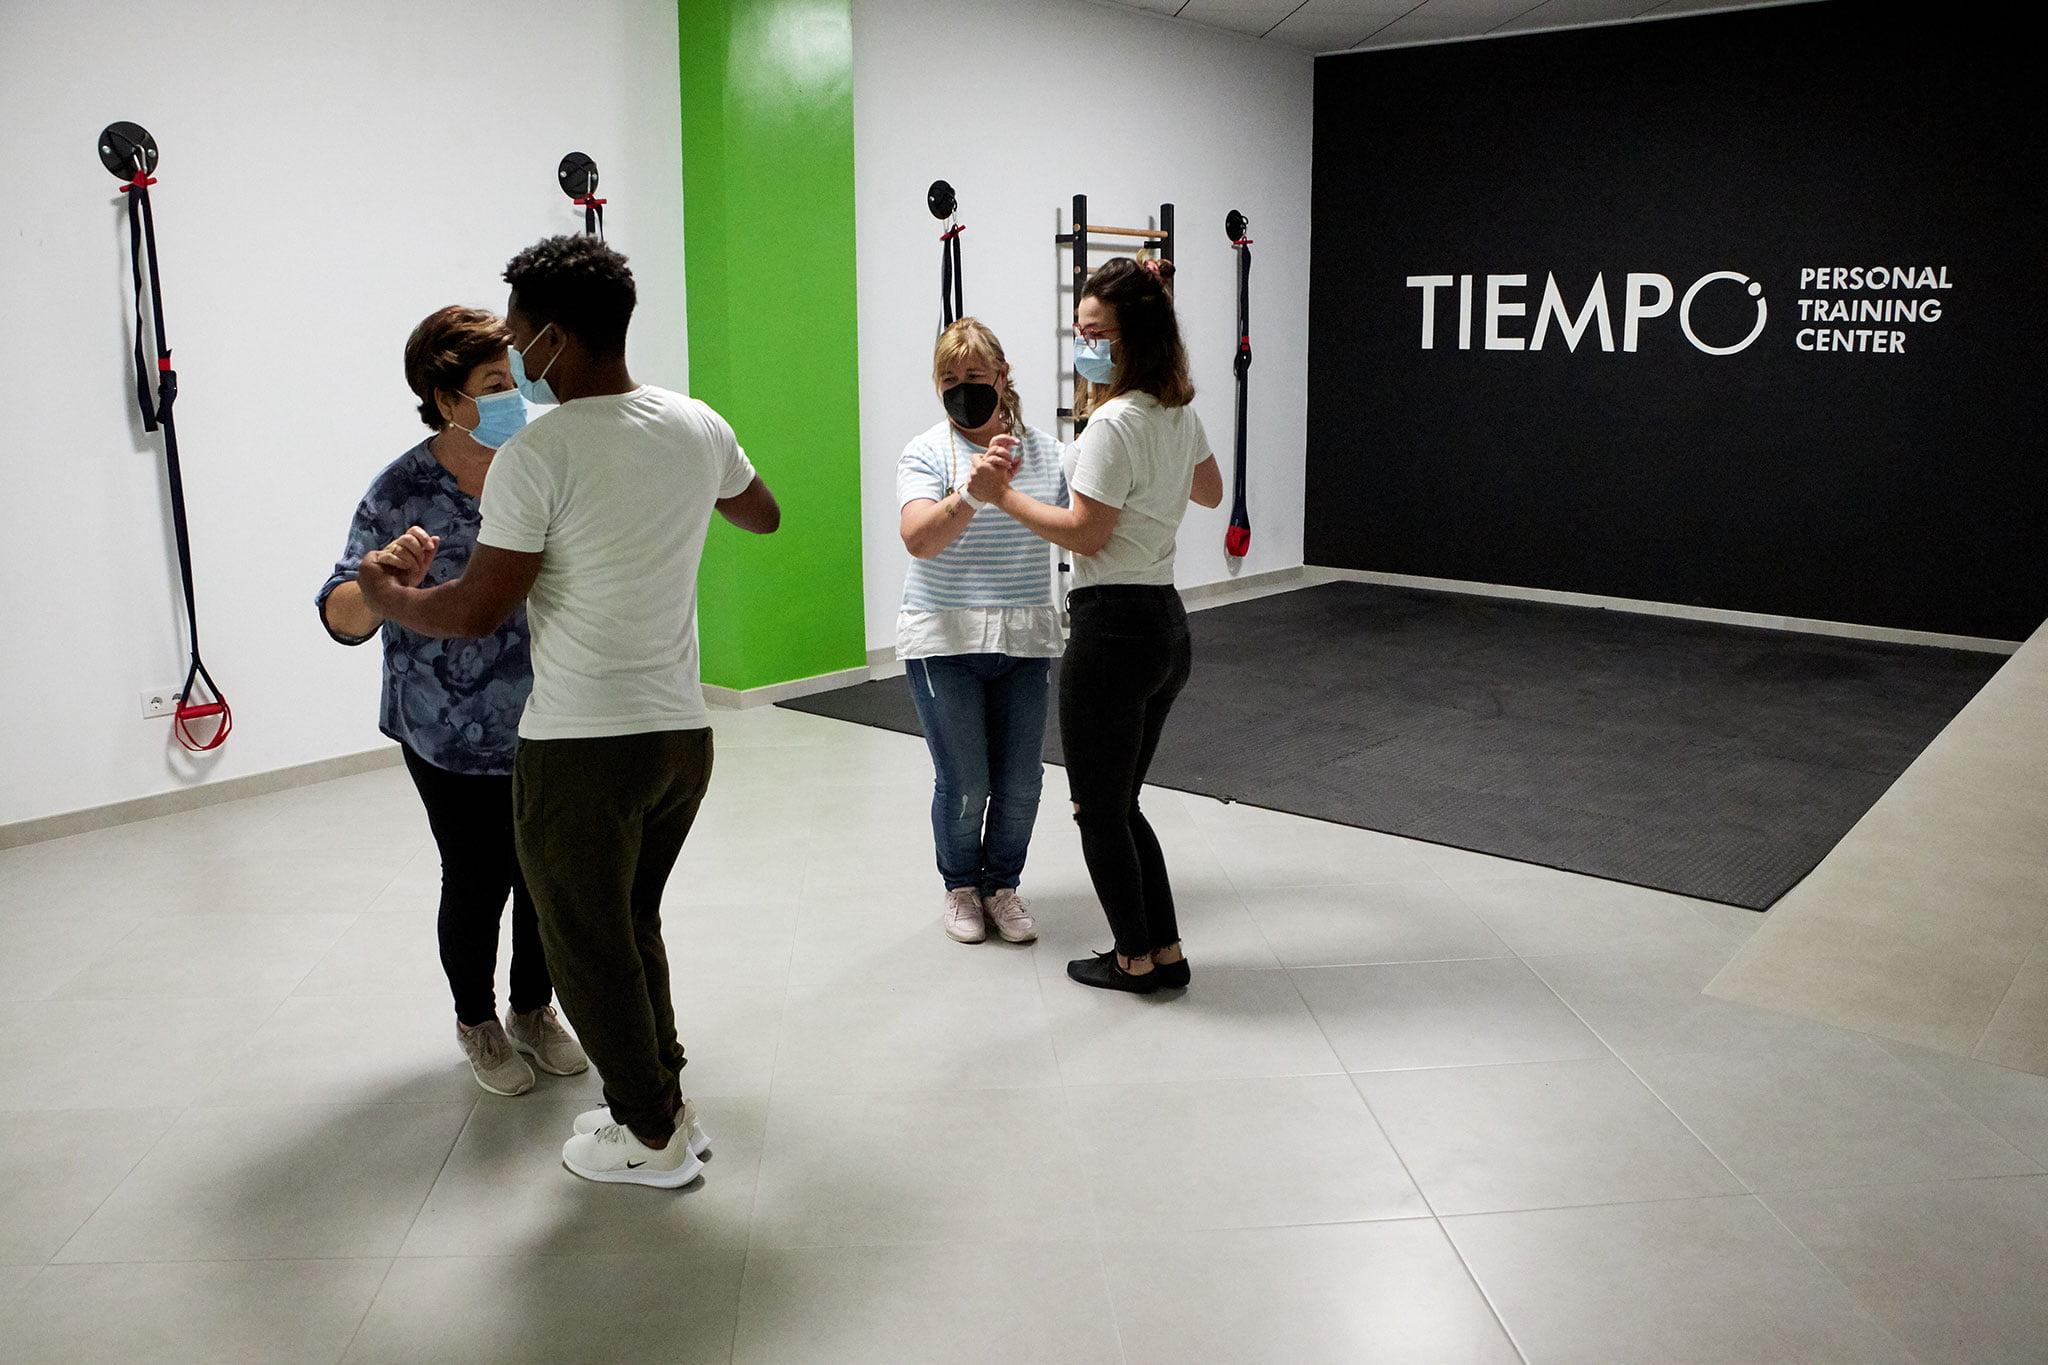 Bailes en Jávea – Tiempo Personal Training Center